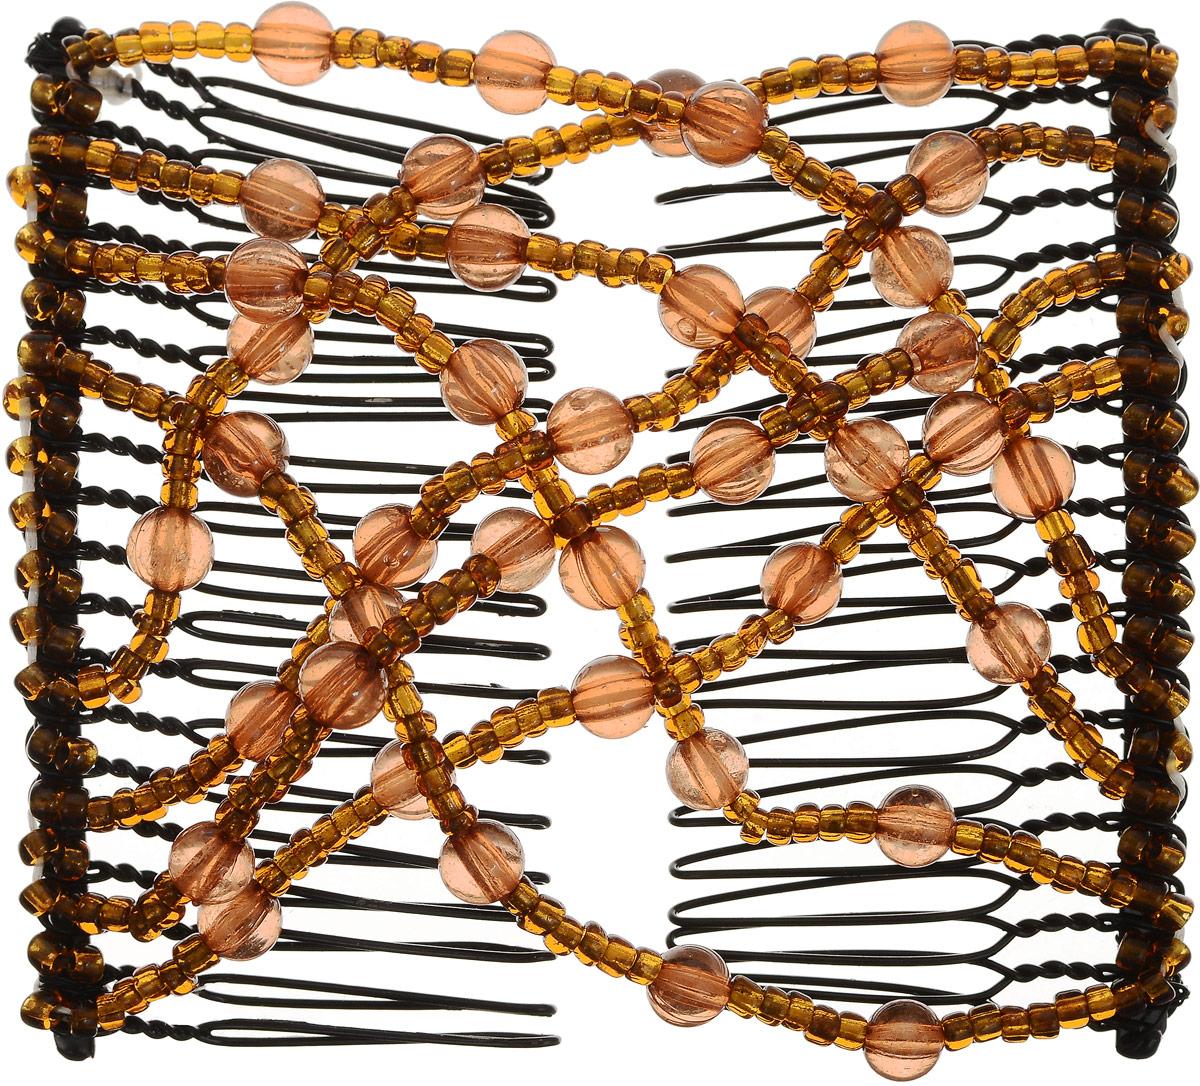 EZ-Combs Заколка Изи-Комбс, одинарная, цвет: коричневый. ЗИО_шарики ez combs заколка изи комбс одинарная цвет коричневый зио цветок с серебром